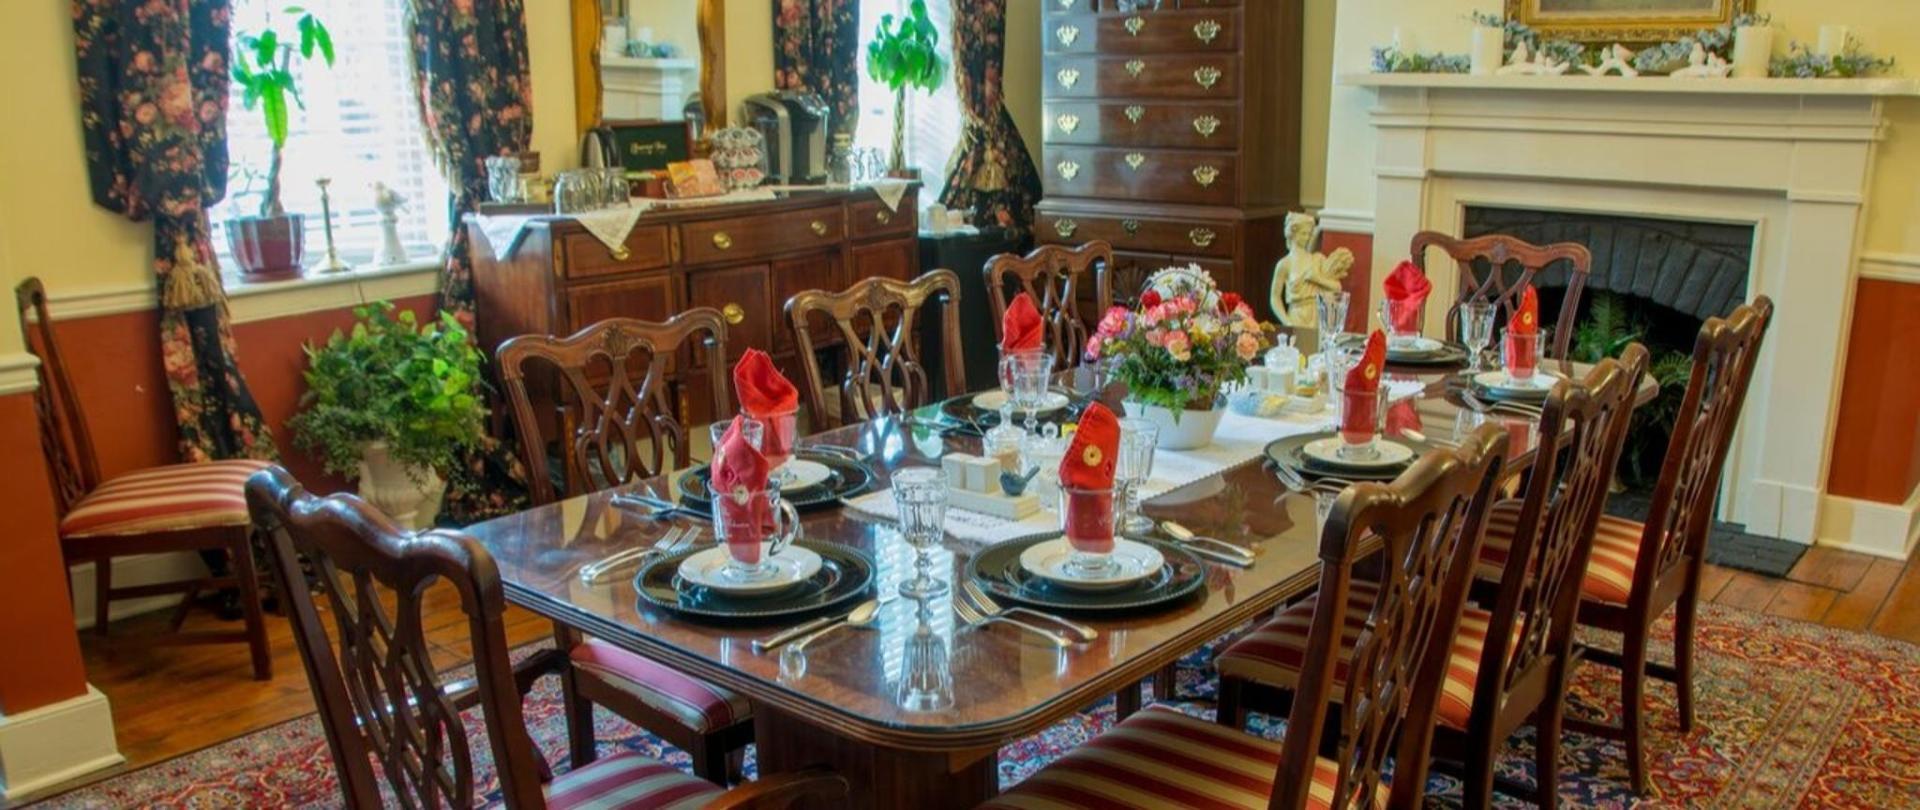 RJ Inn - Dining Room, better.jpg